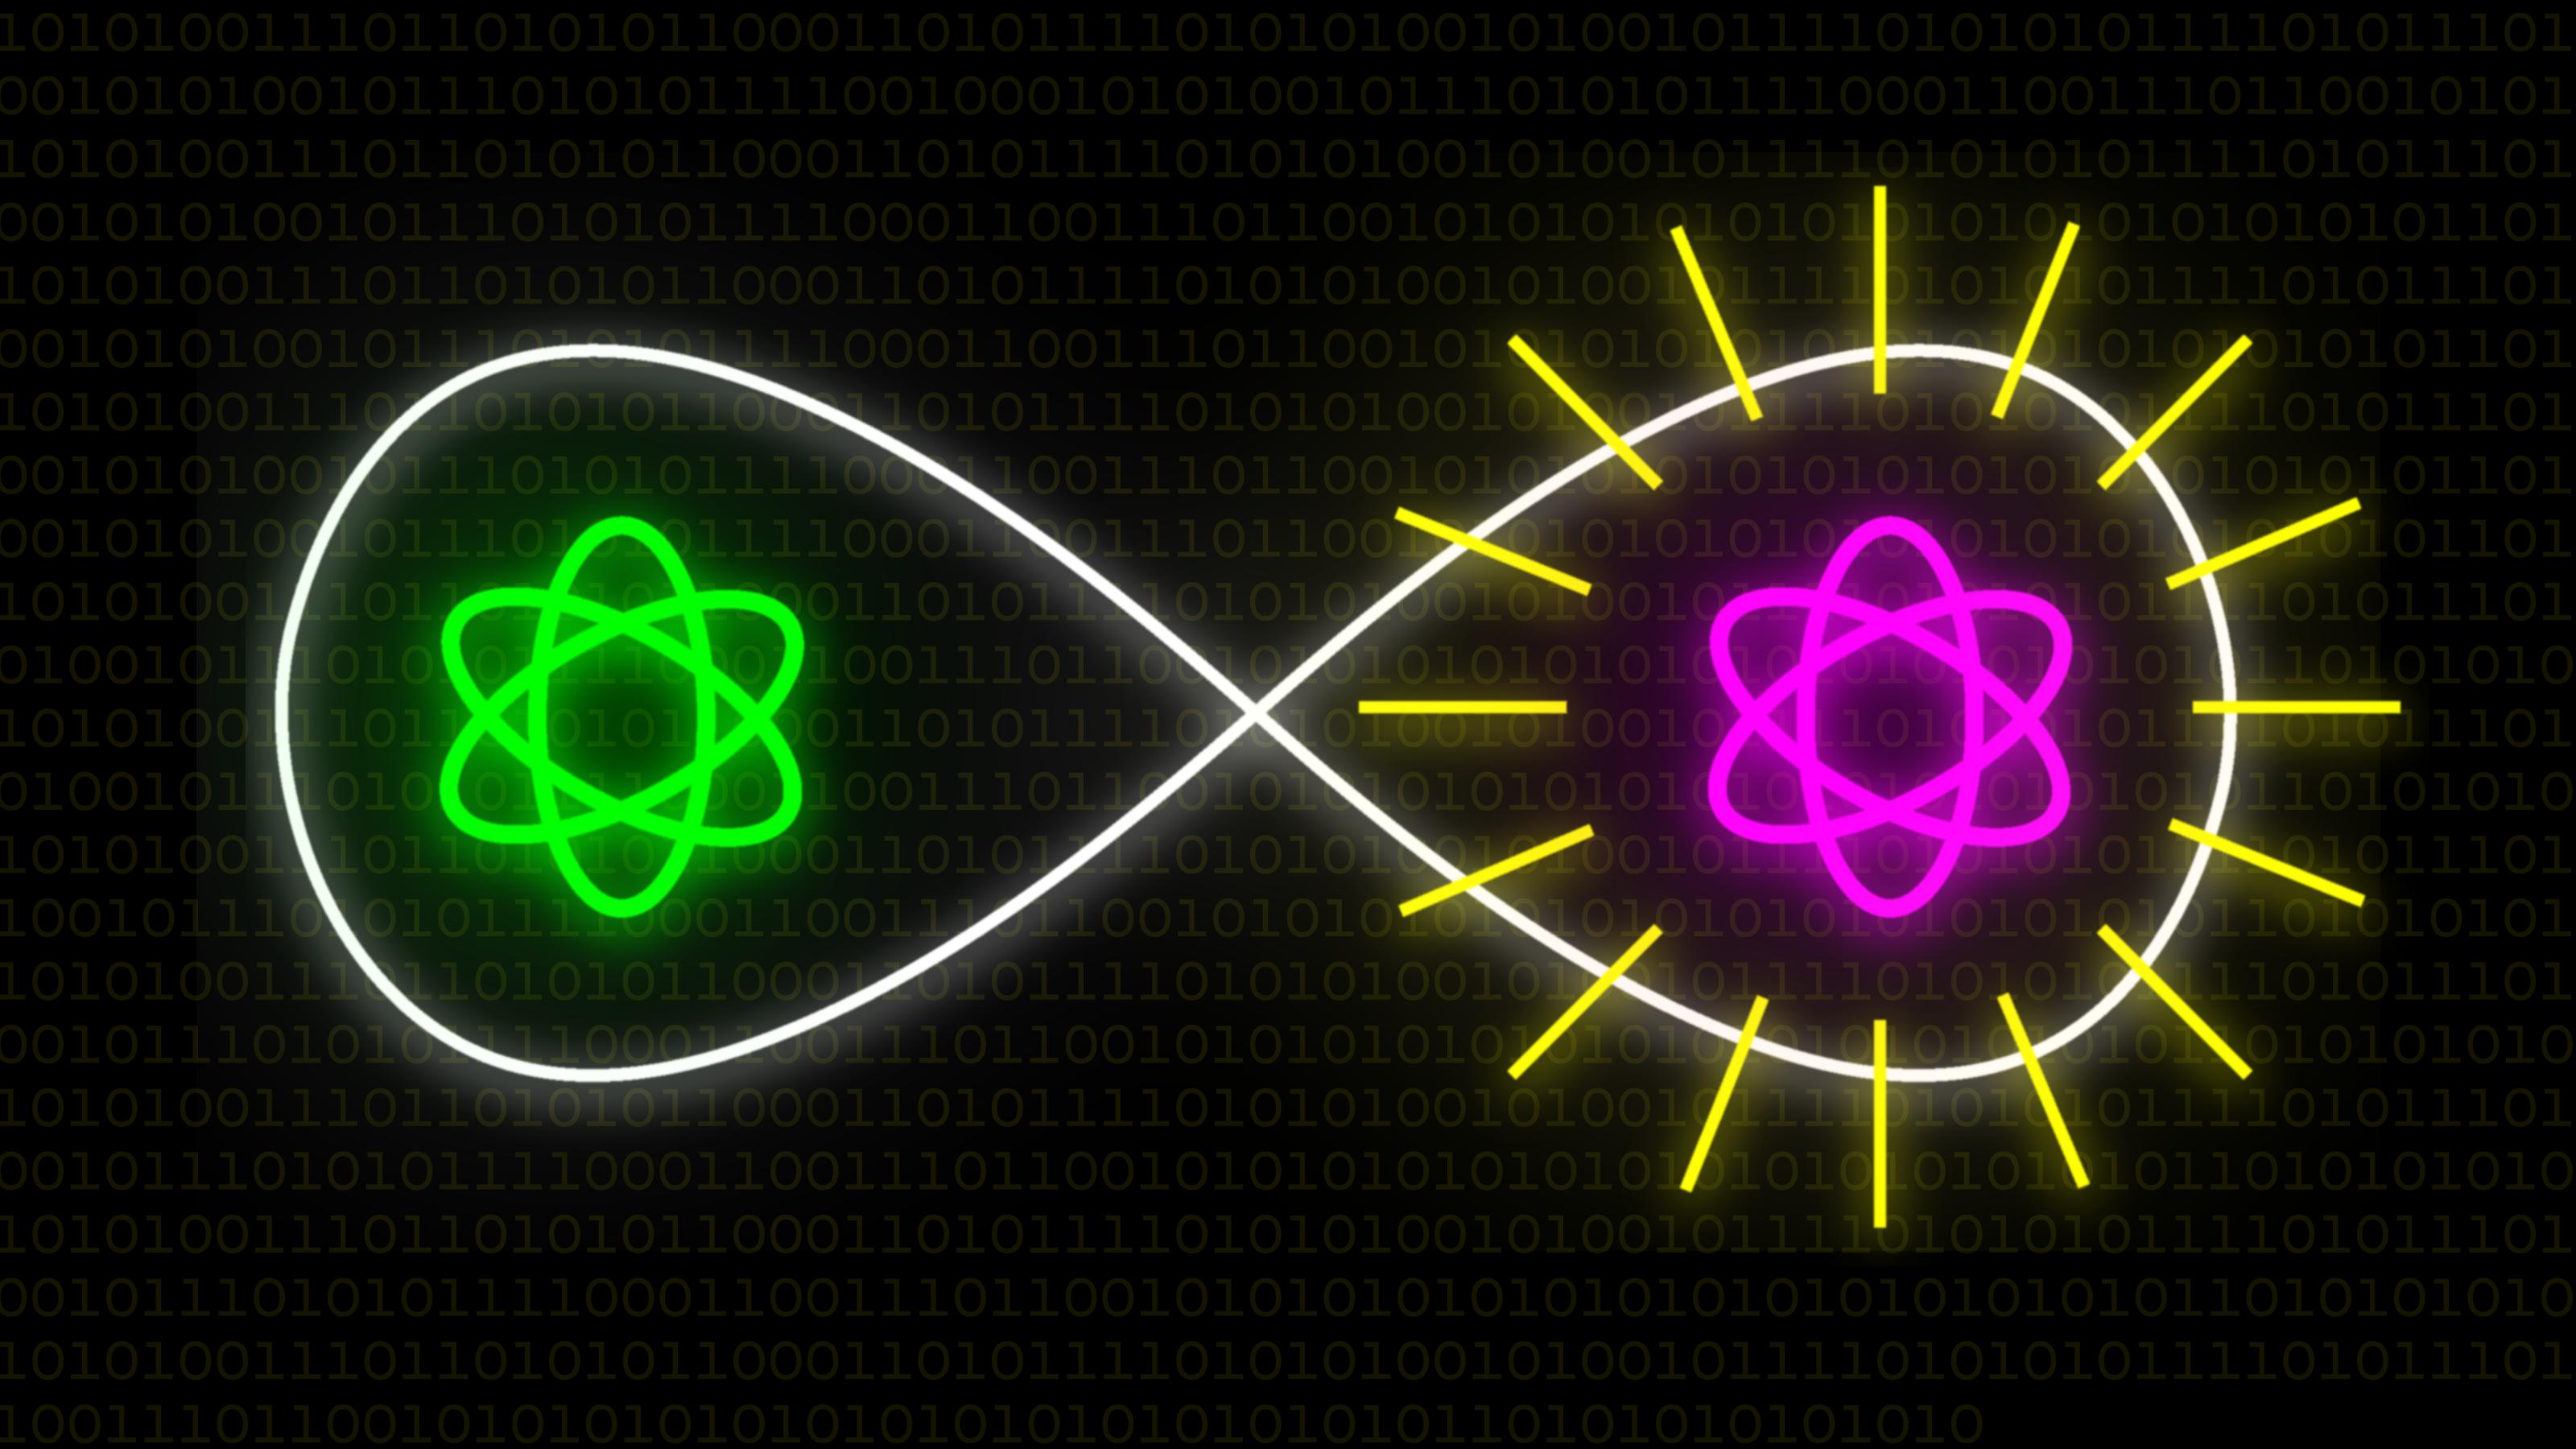 量子インターネットとは何か?中国が牽引する新技術の基礎知識